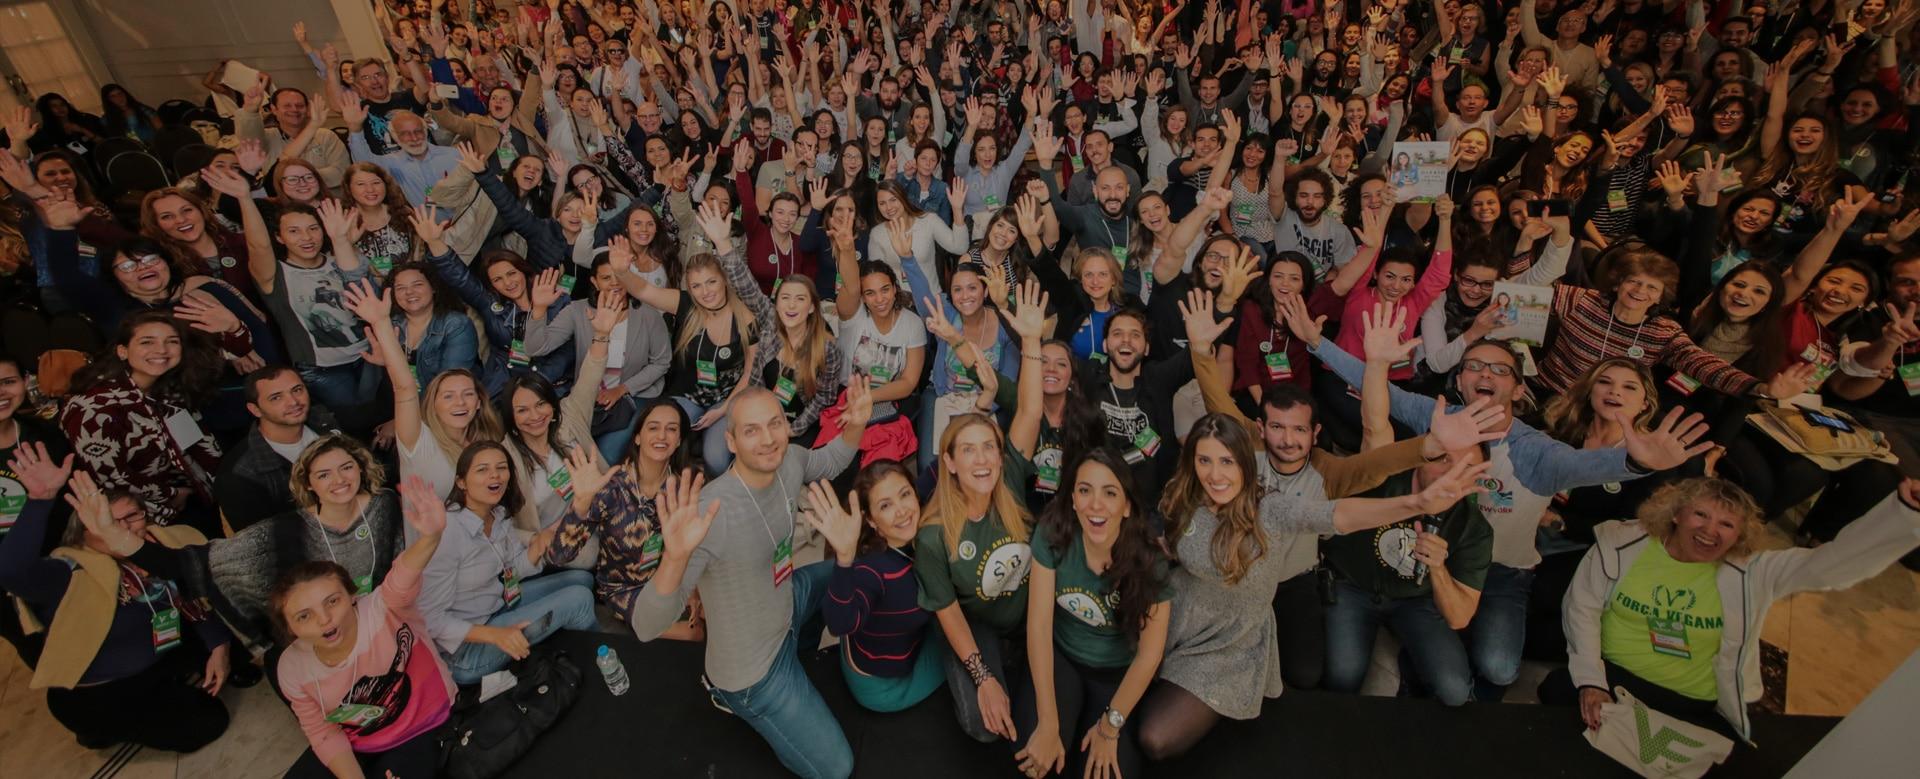 Vegfest Brasil 2018: Conheça Um Dos Maiores Eventos Vegetarianos Das Américas